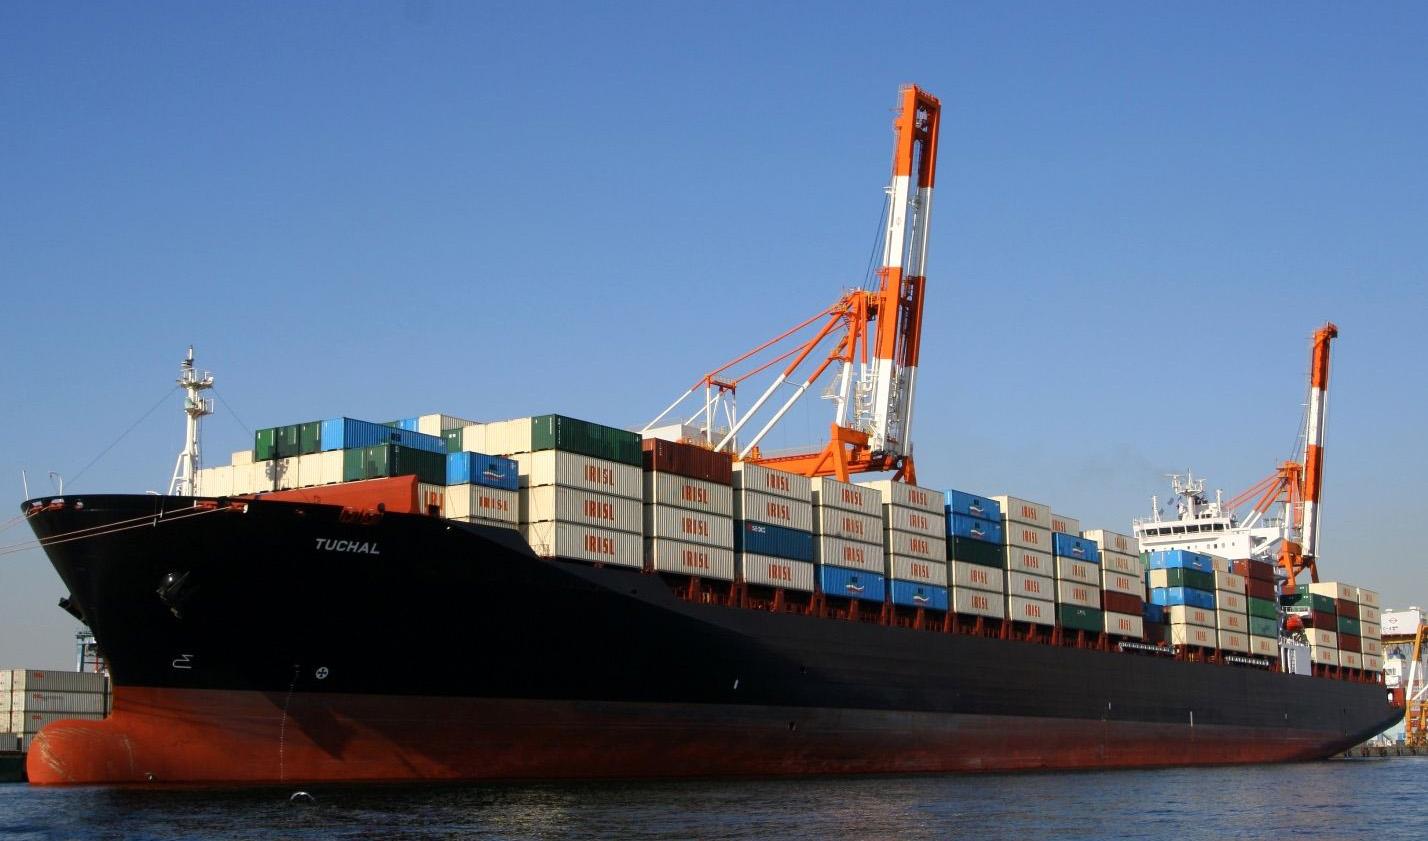 وزارت نفت فقط ٣٠هزار تن سوخت کم سولفور به کشتیرانی داد